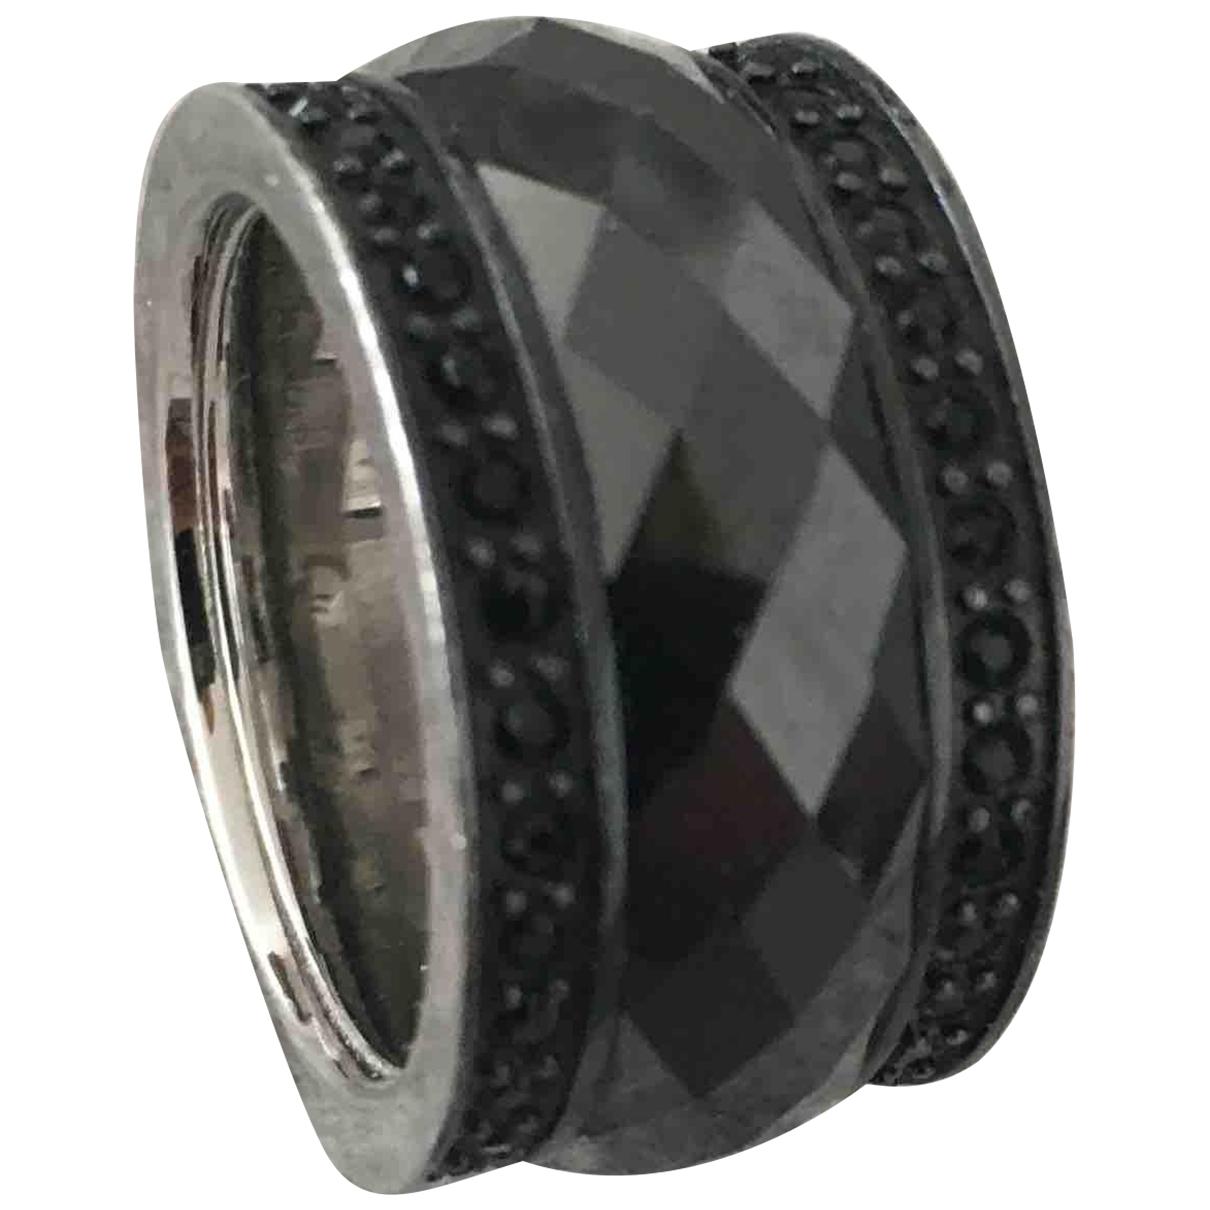 Giorgio Armani \N Ring in  Schwarz Metall